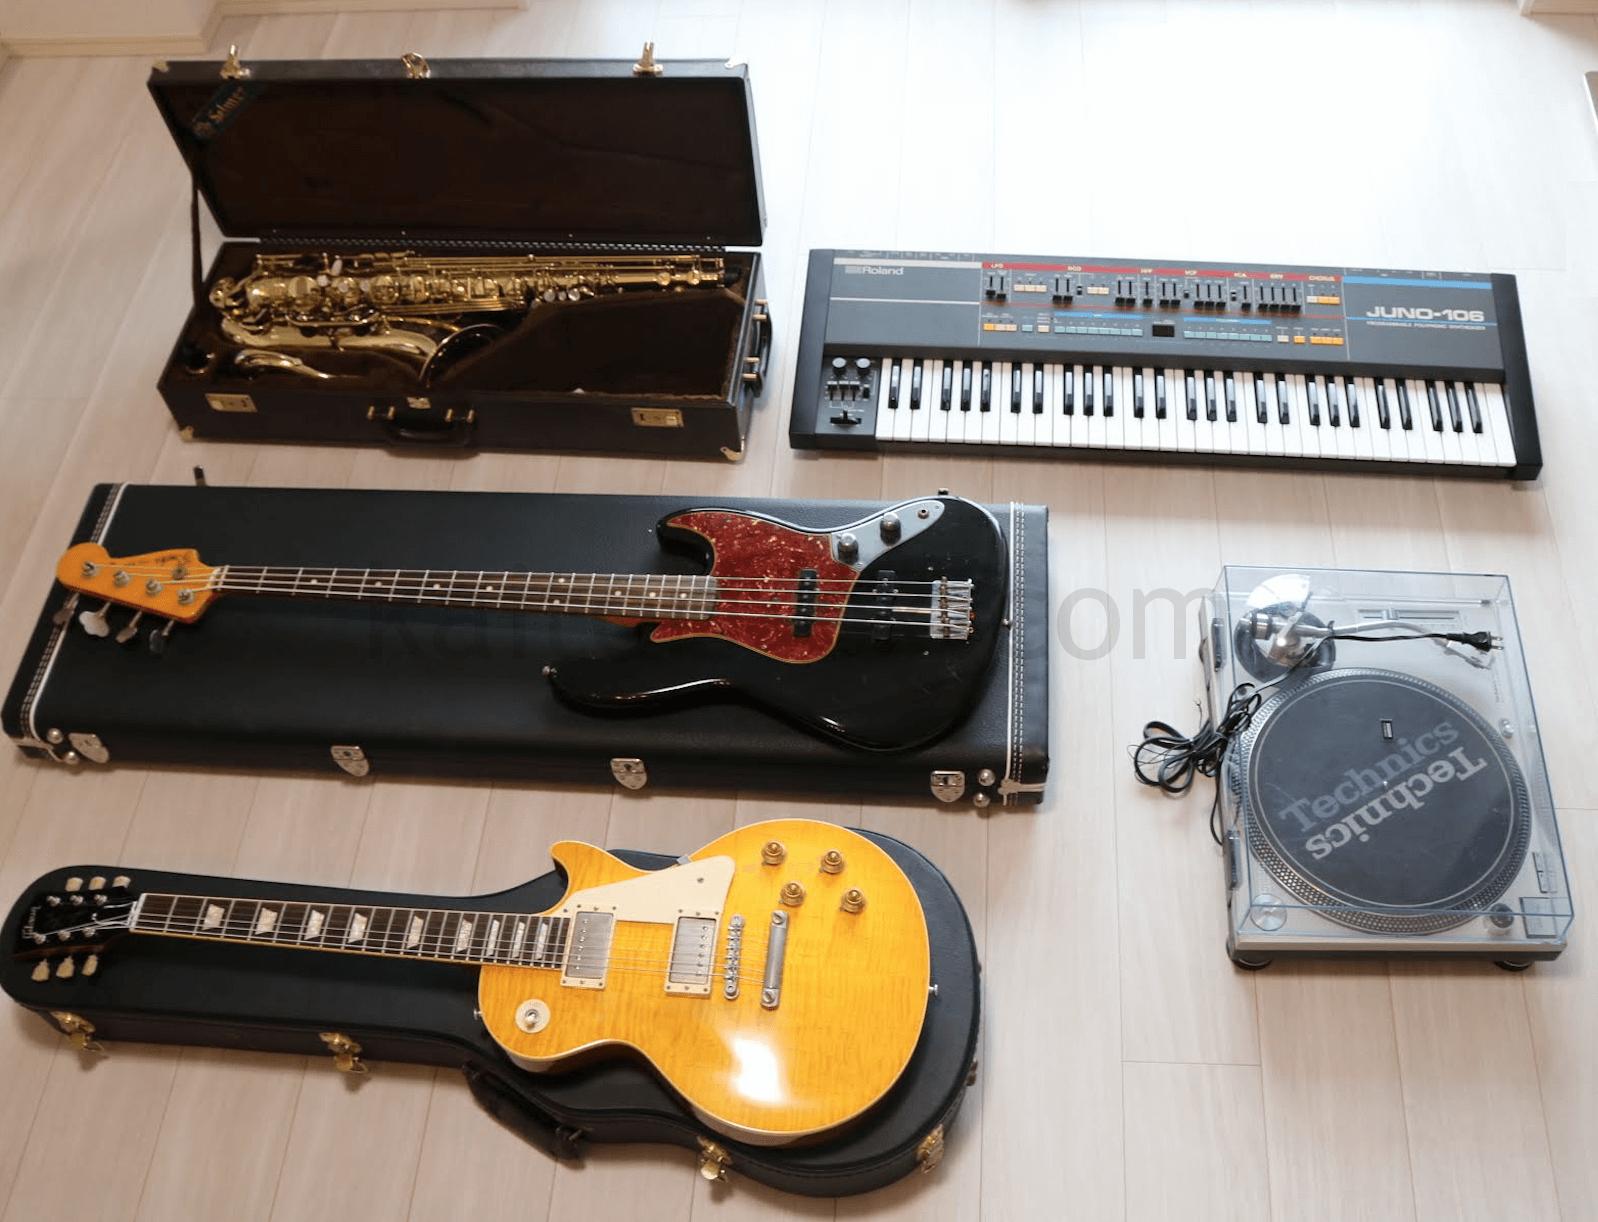 査定依頼した楽器(ギター、ベース、サックス、シンセサイザー、DJテーブル)